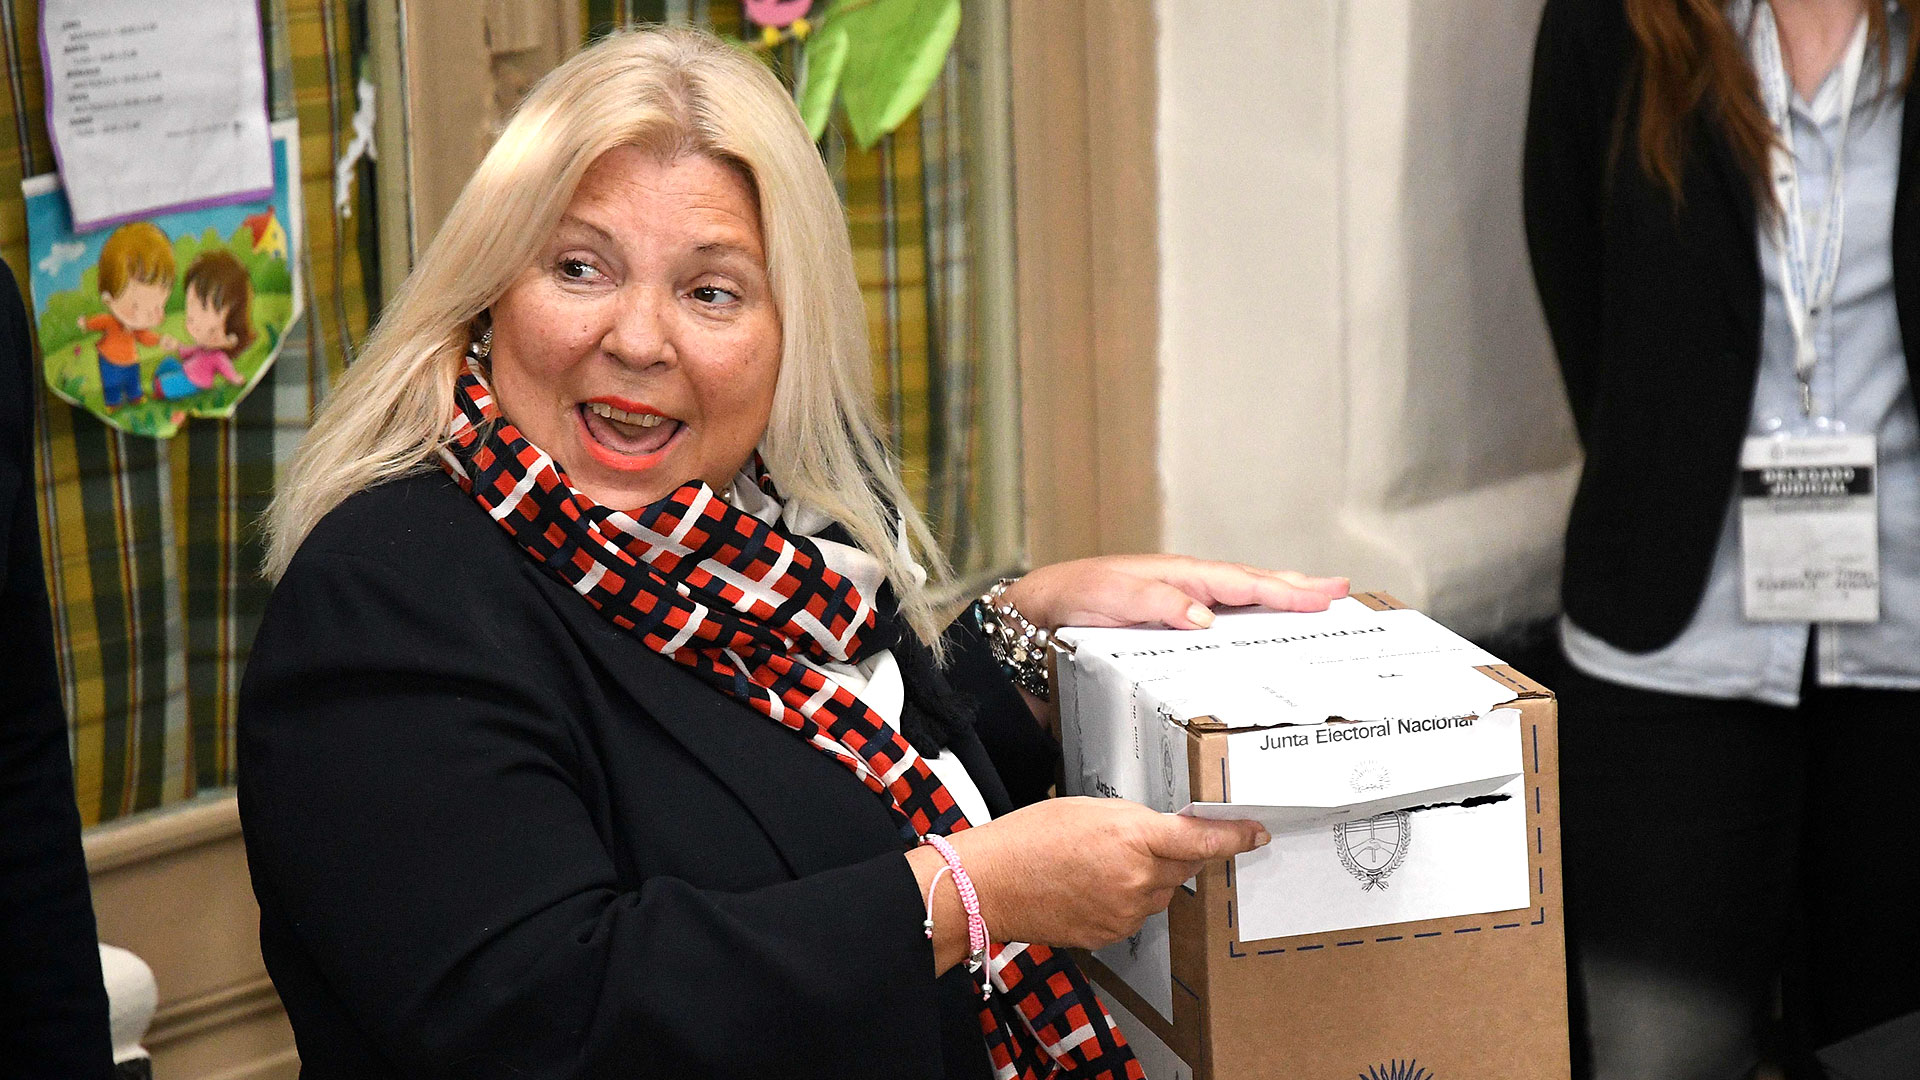 Lilita Carrió fue una de las últimas candidatas en acercarse a las urnas, adoptó un look semi formal con traje negro y fular estampado